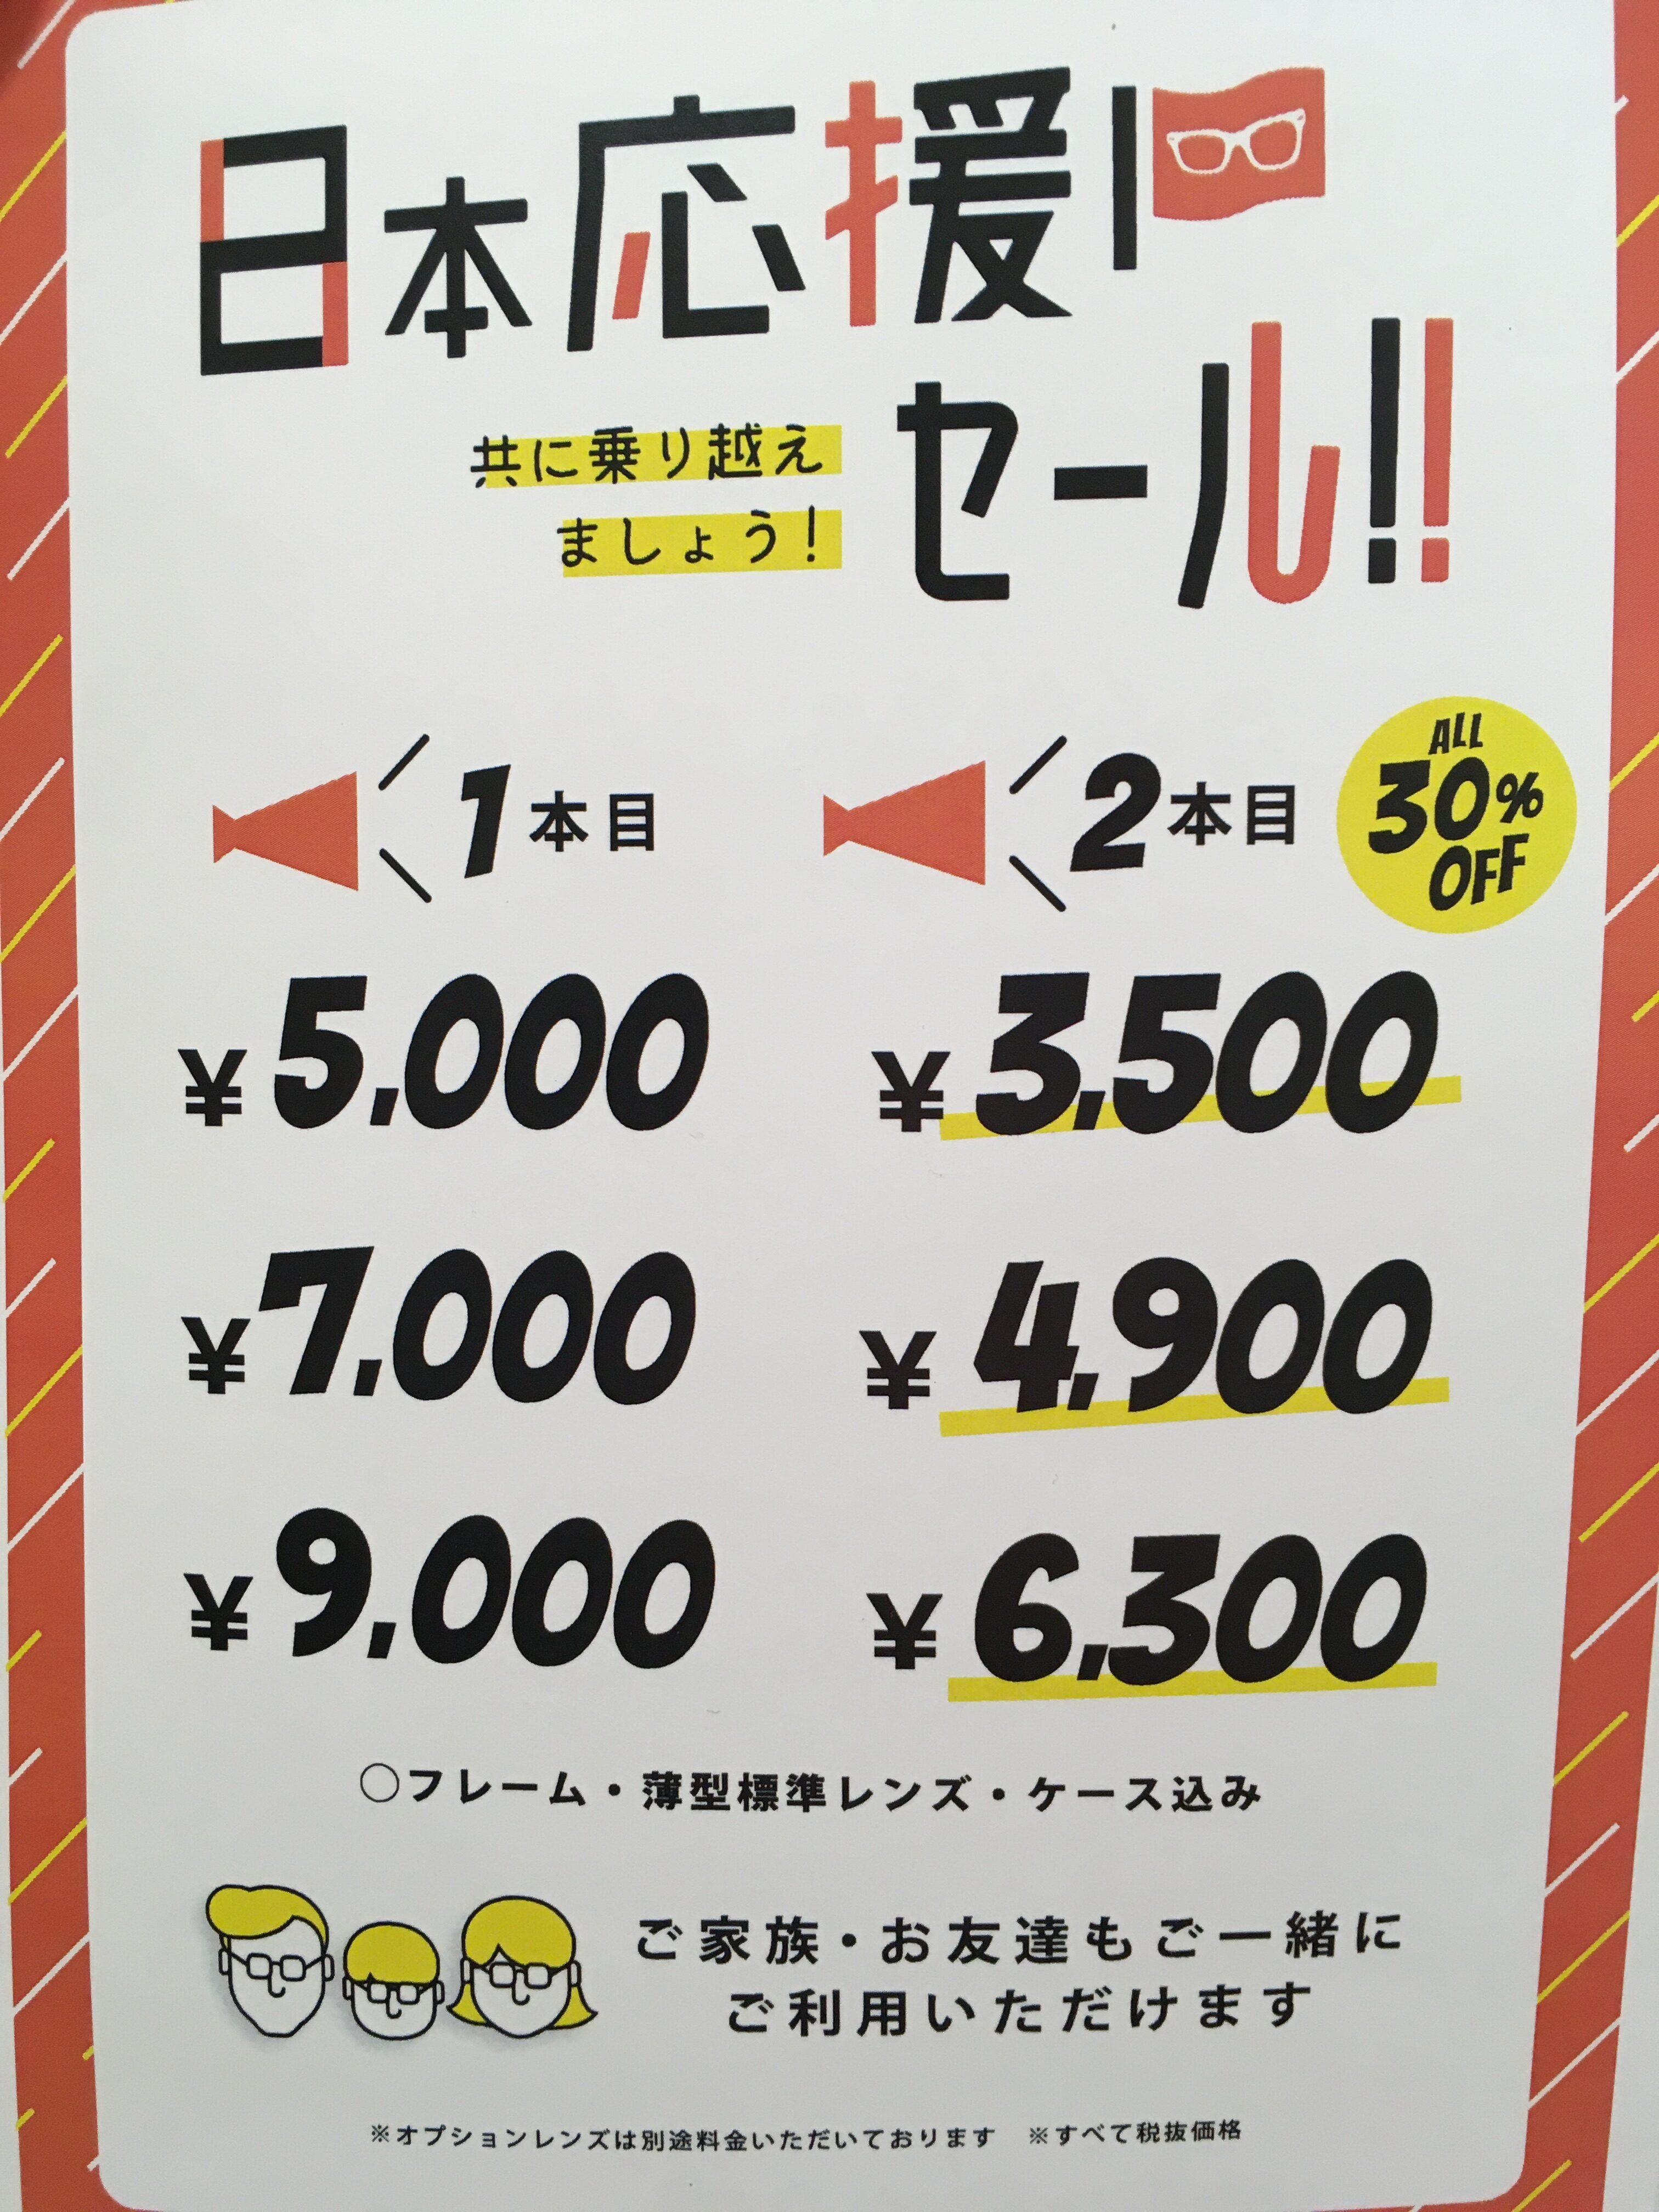 日本【2本】応援セール実施中!!!!!!!!:イメージ